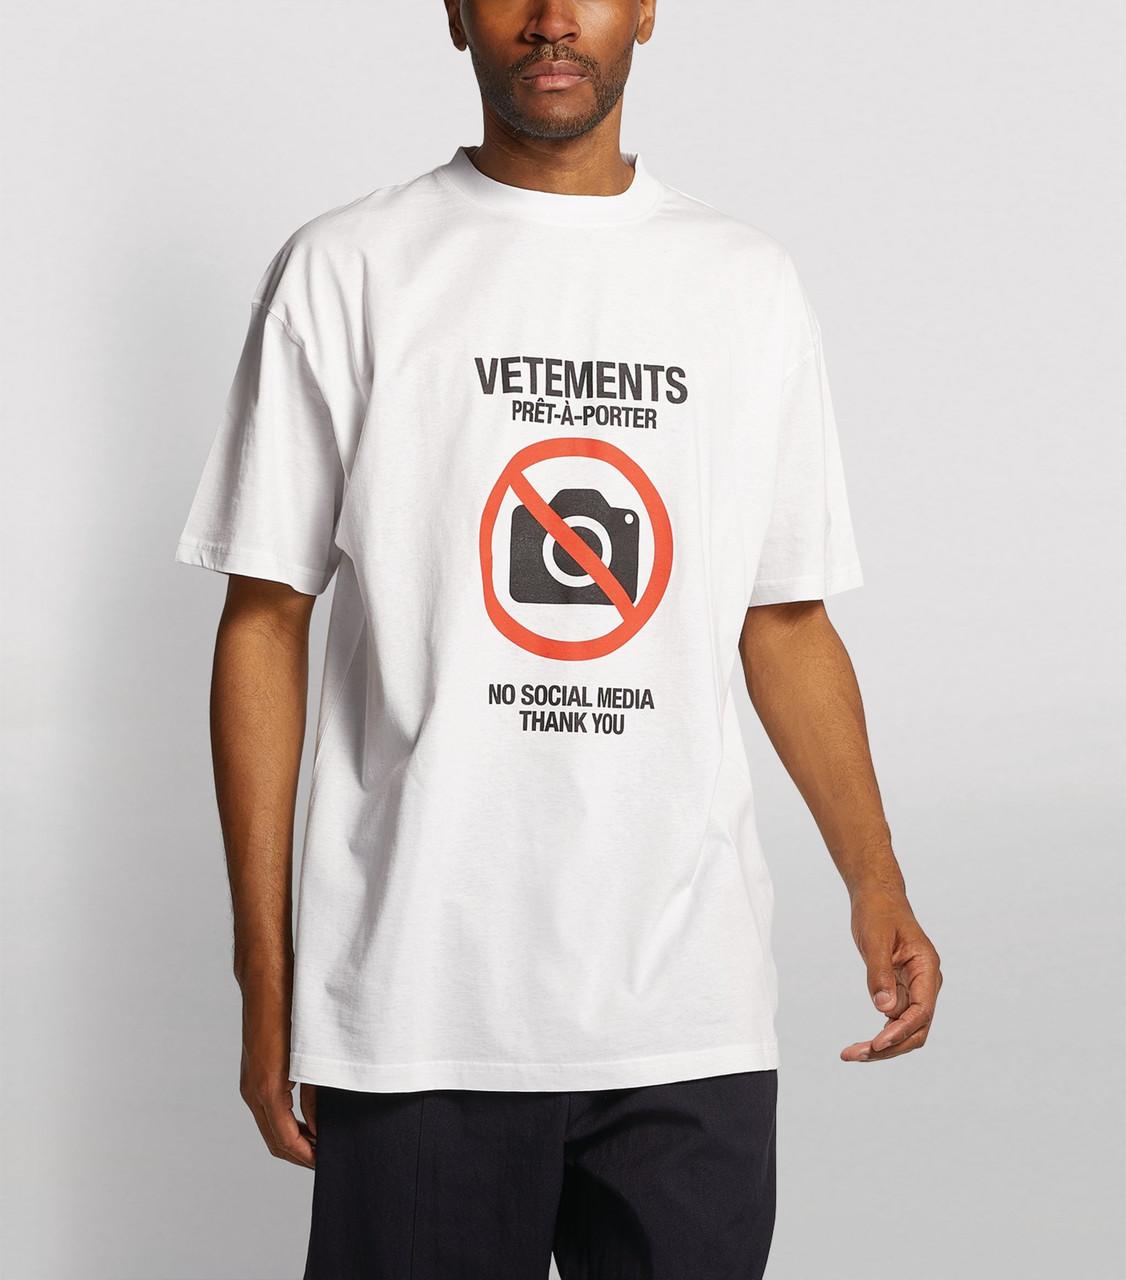 Футболка біла Vetements No Media • Ветеменс футболка чоловіча | жіноча | дитяча